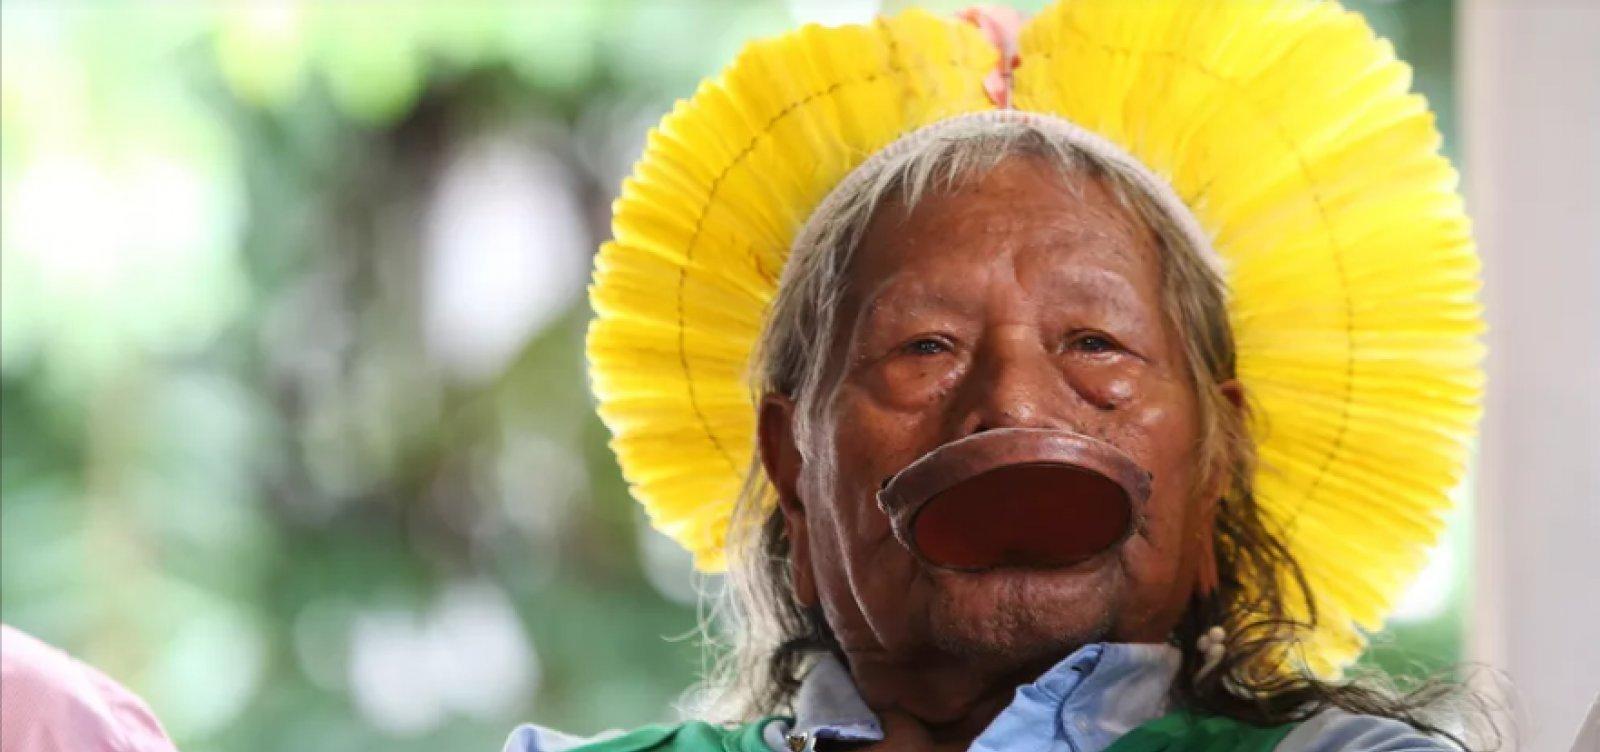 Caciques denunciam Bolsonaro no Tribunal de Haia por crimes ambientais